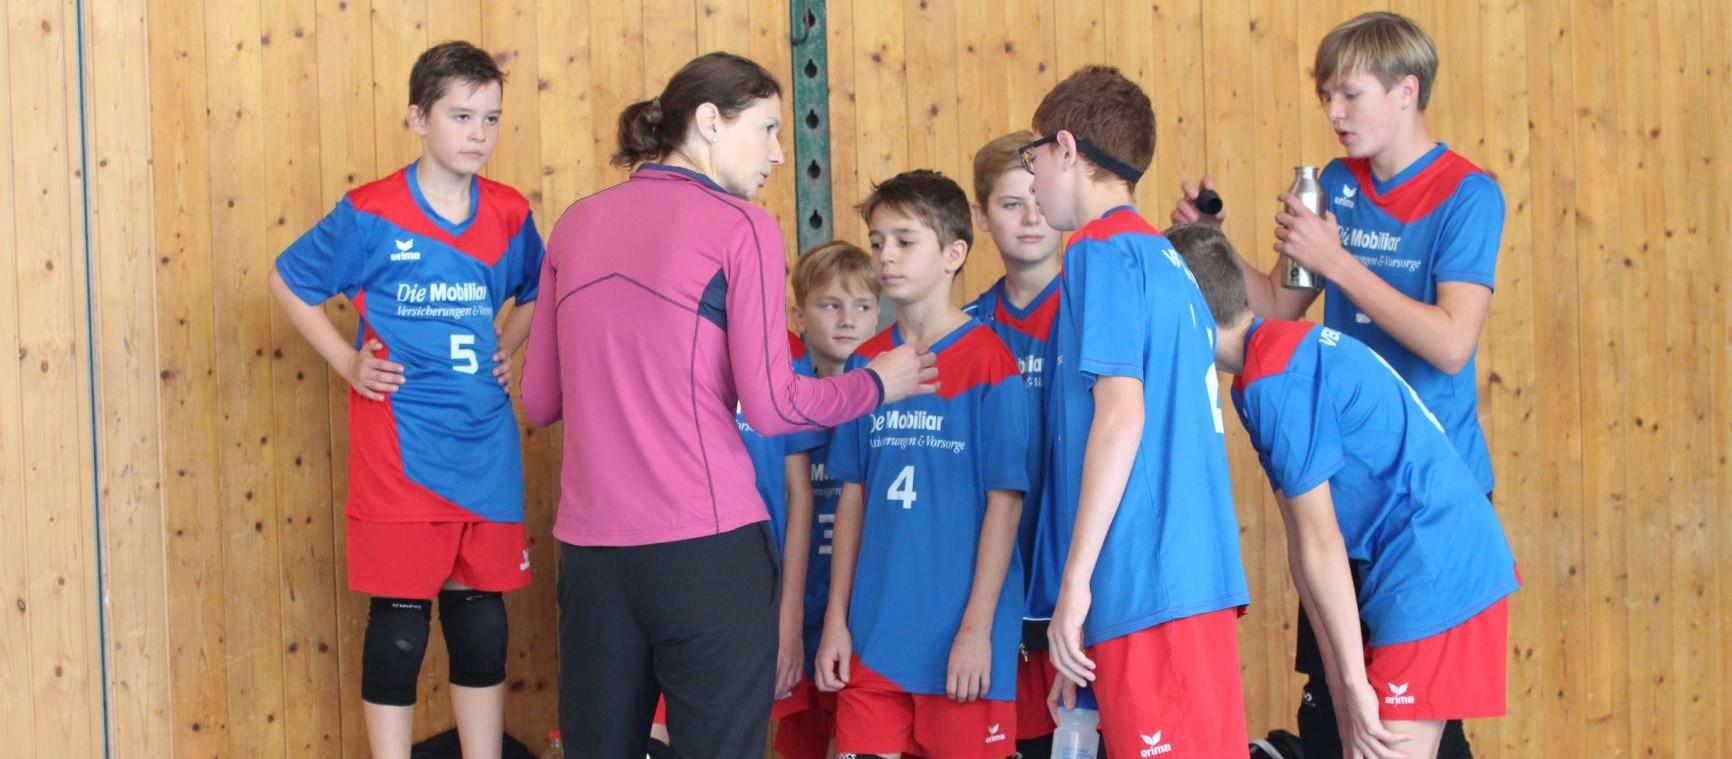 U16 Turnier Junioren vom 27. Okt